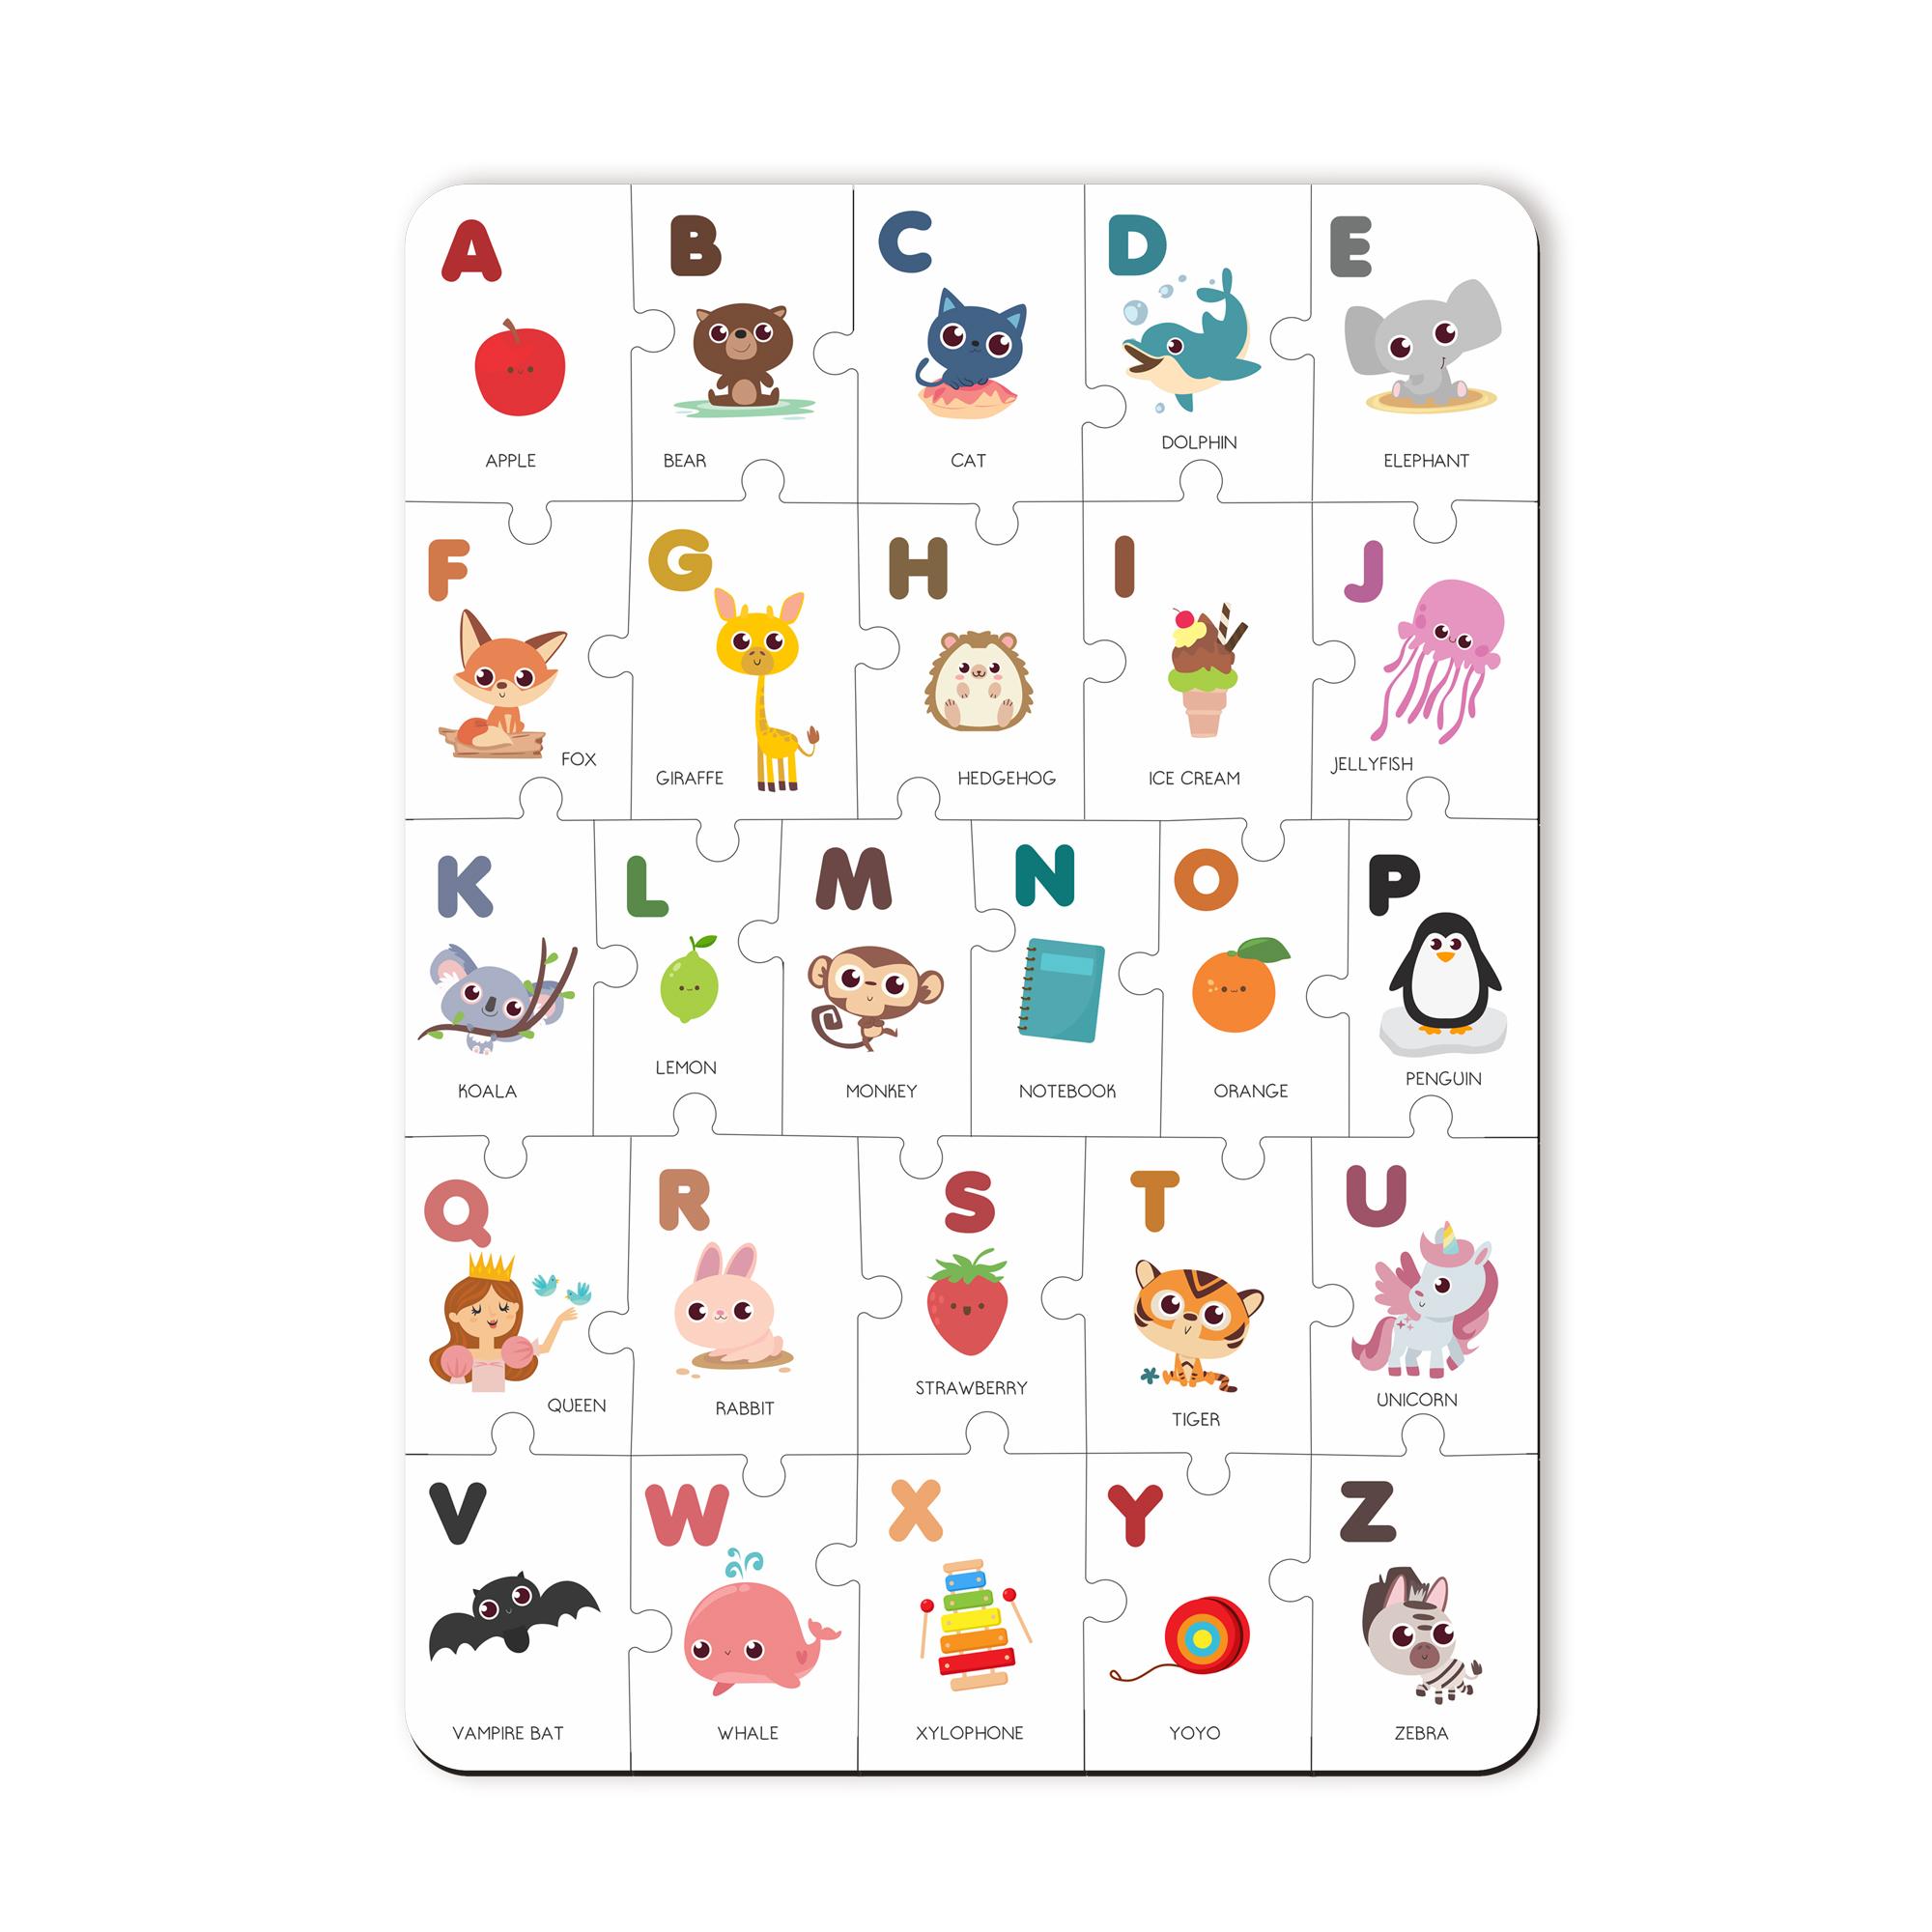 brinquedo-quebra-cabeca-alfabeto-ingles-babebi